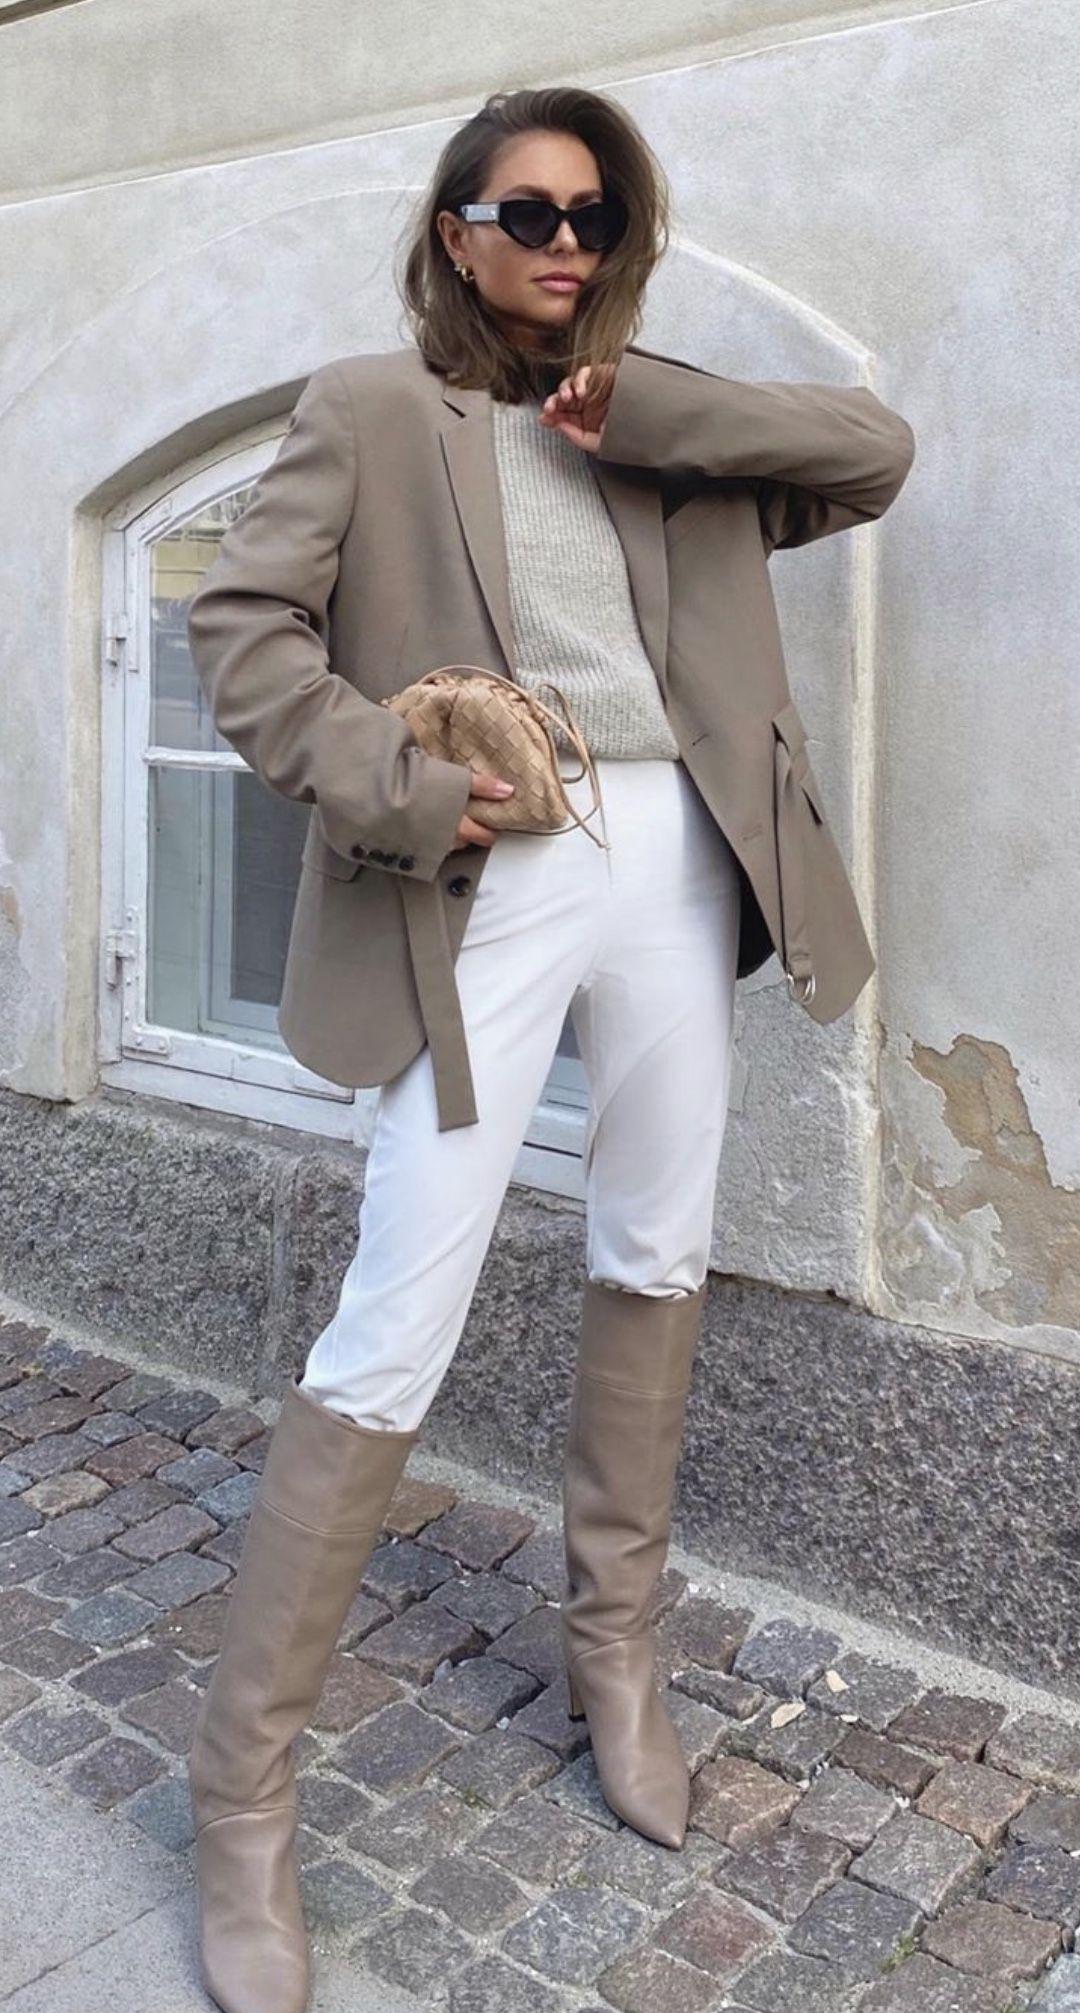 MARIA KRAGMANN in 2020 | Womens thigh high boots, Thigh high